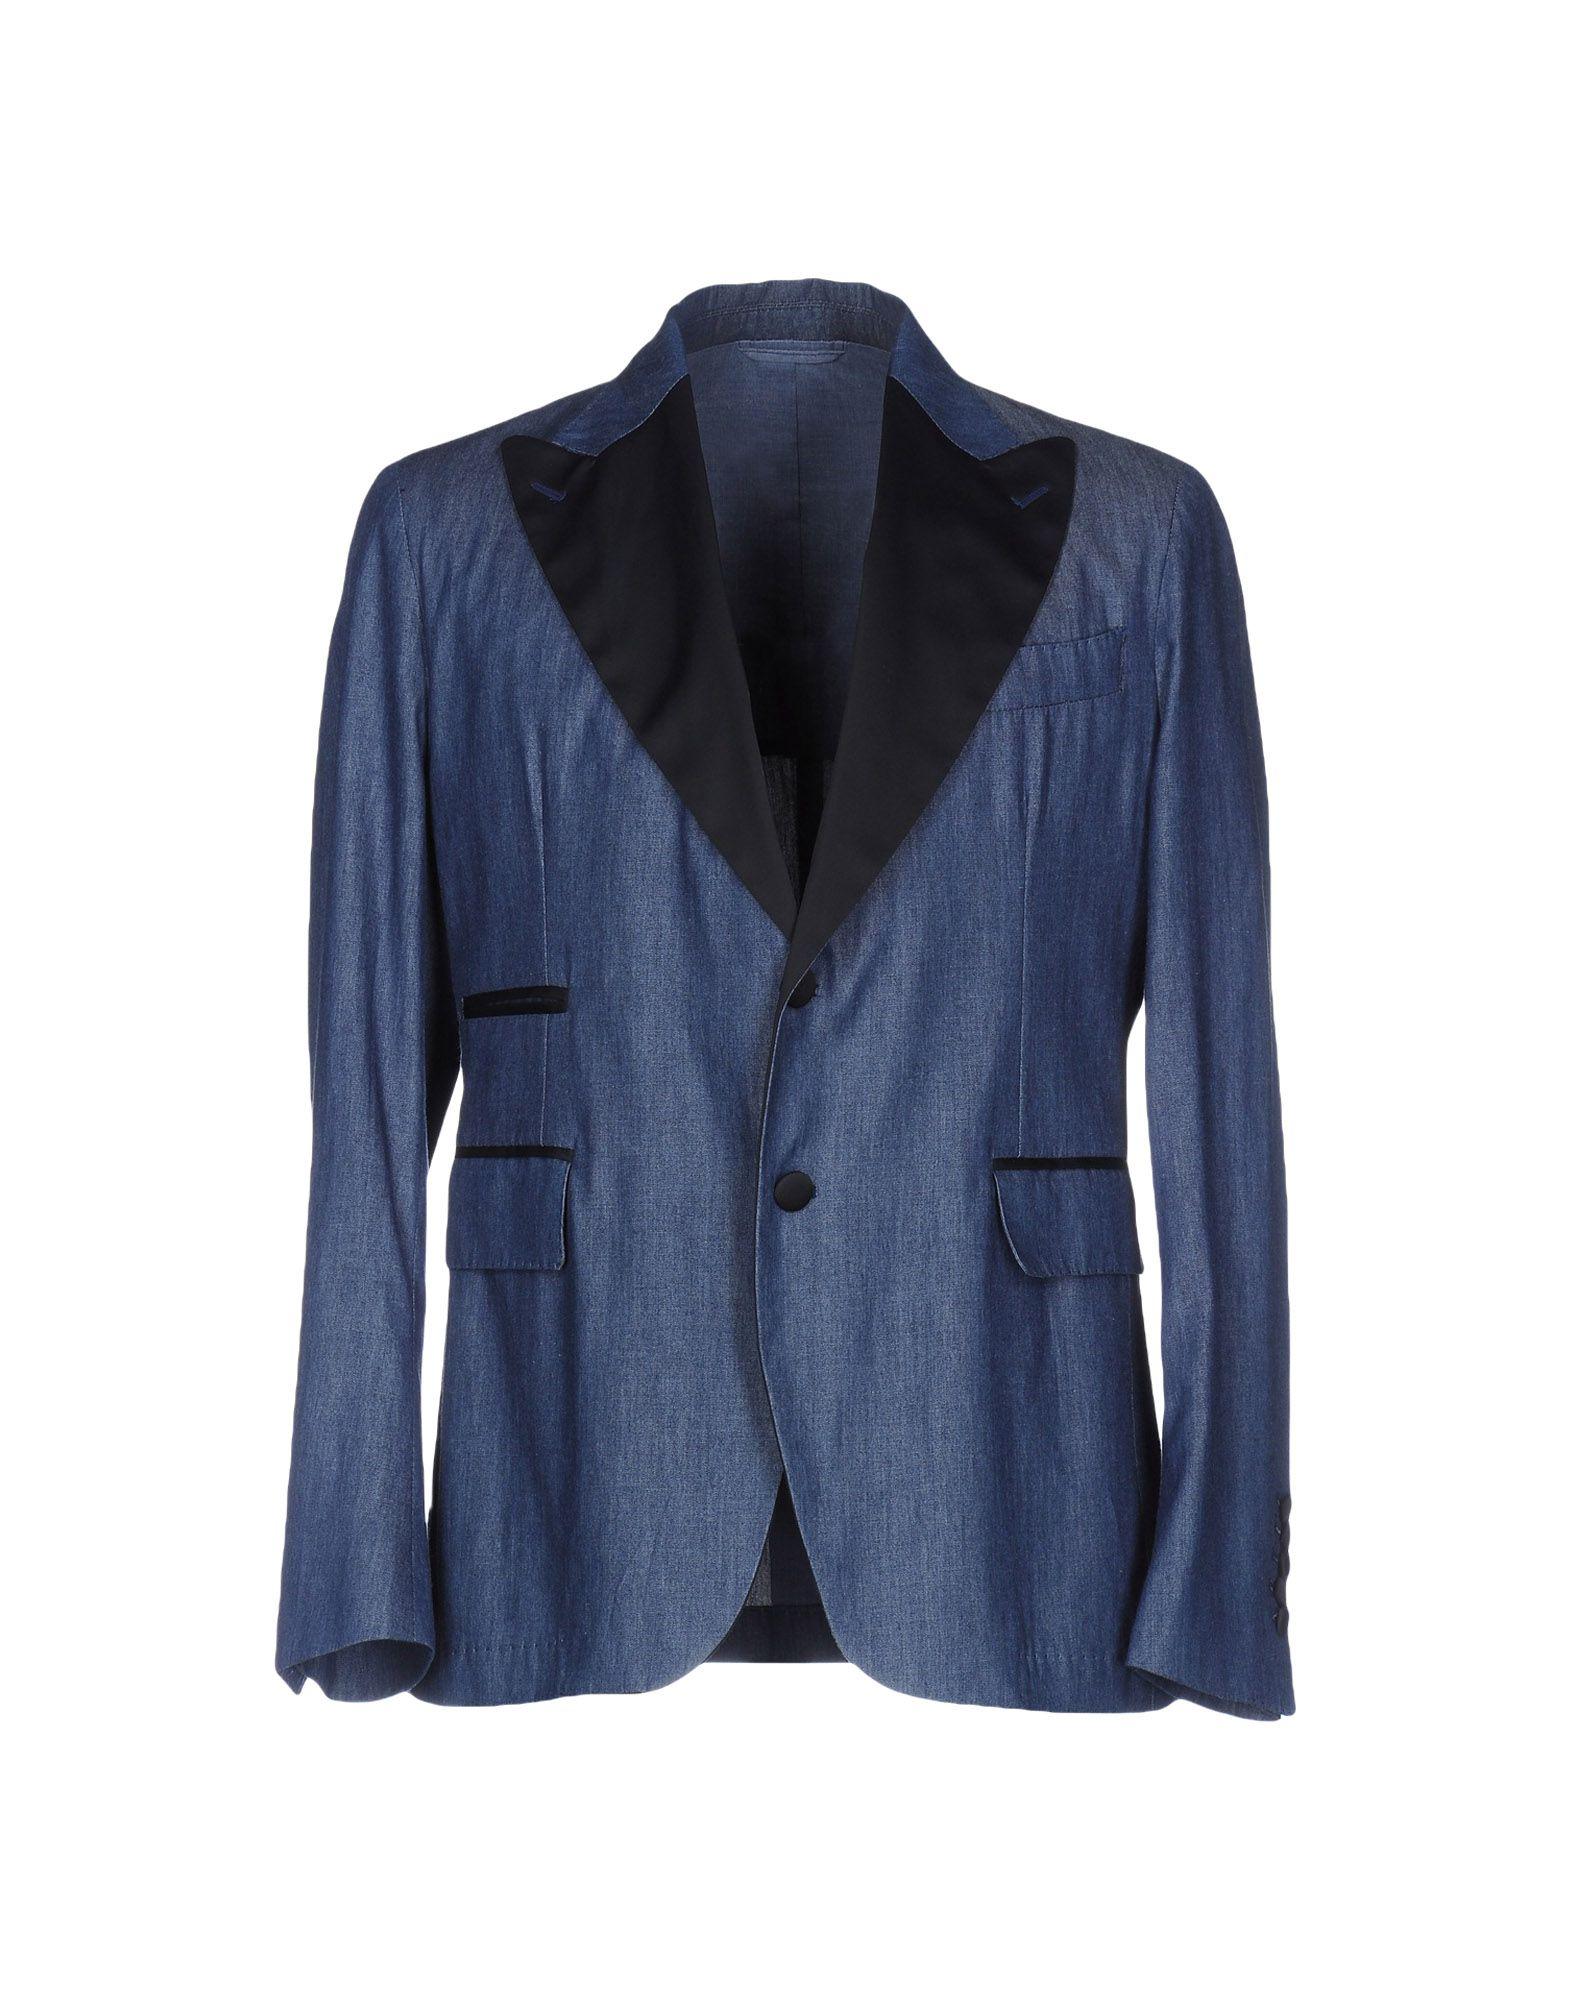 《送料無料》JOHN SHEEP メンズ テーラードジャケット ブルー 52 コットン 100%